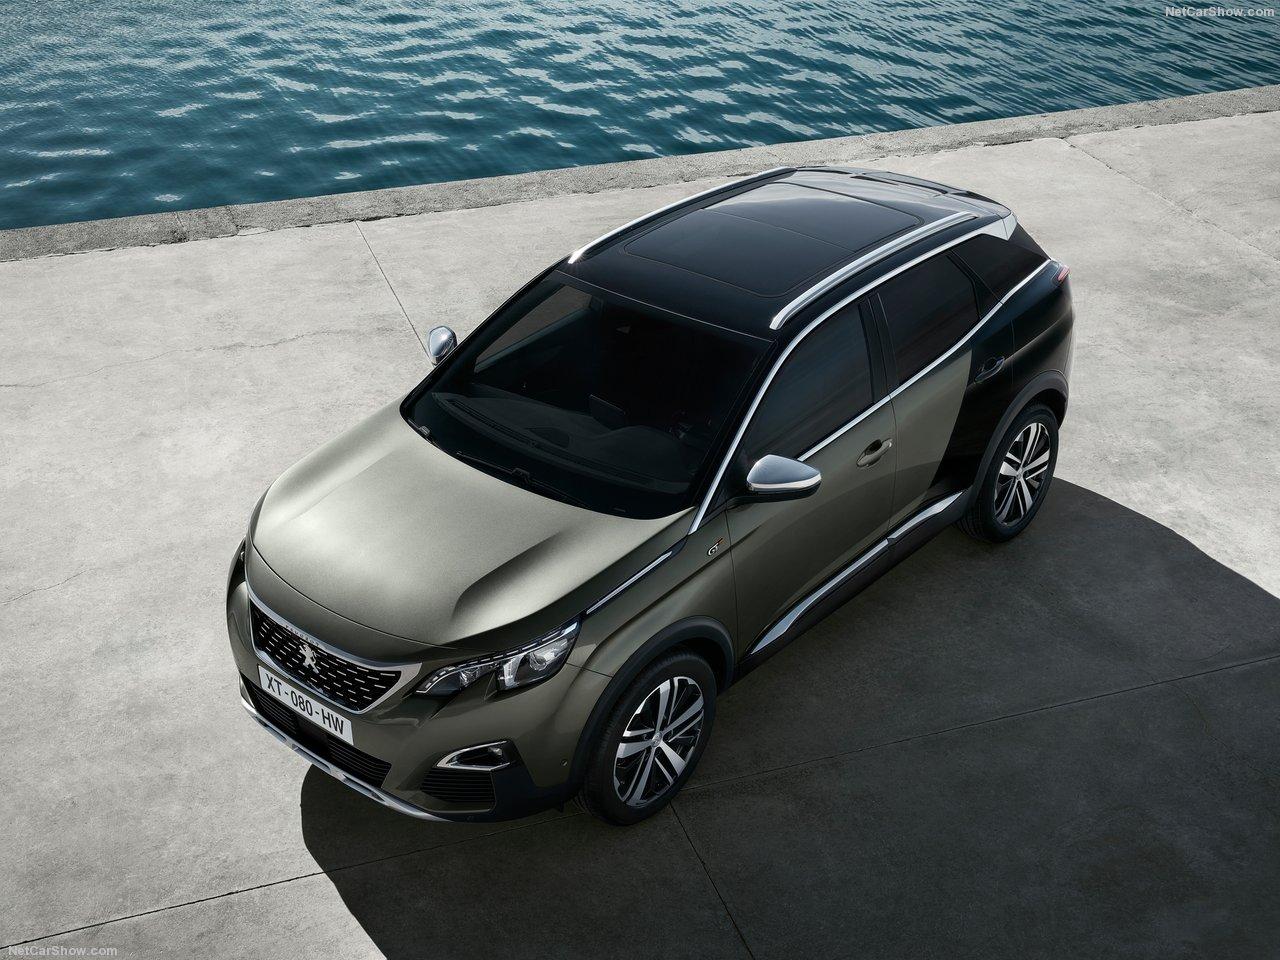 Peugeot-3008_GT-2017-1280-01